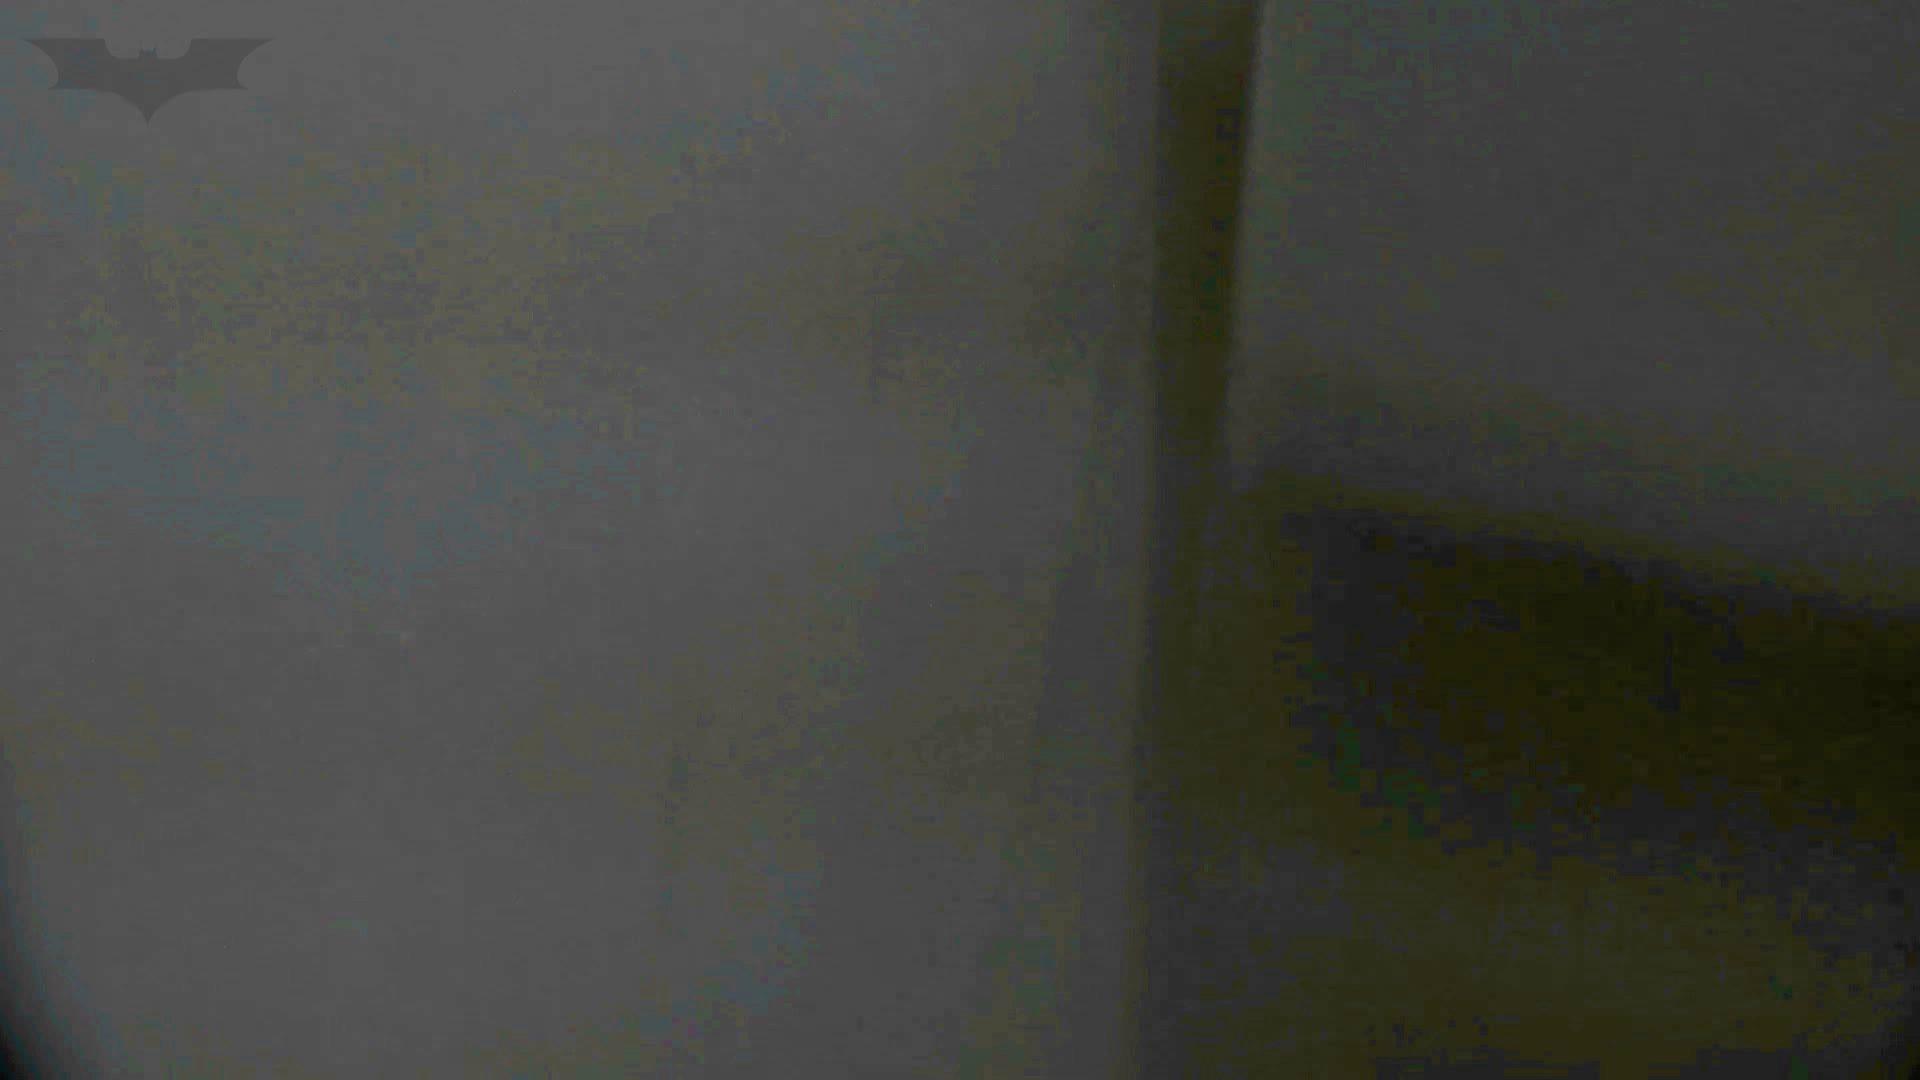 洗面所特攻隊 vol.74 last 2総勢16名激撮【2015・29位】 お姉さん  95PIX 73